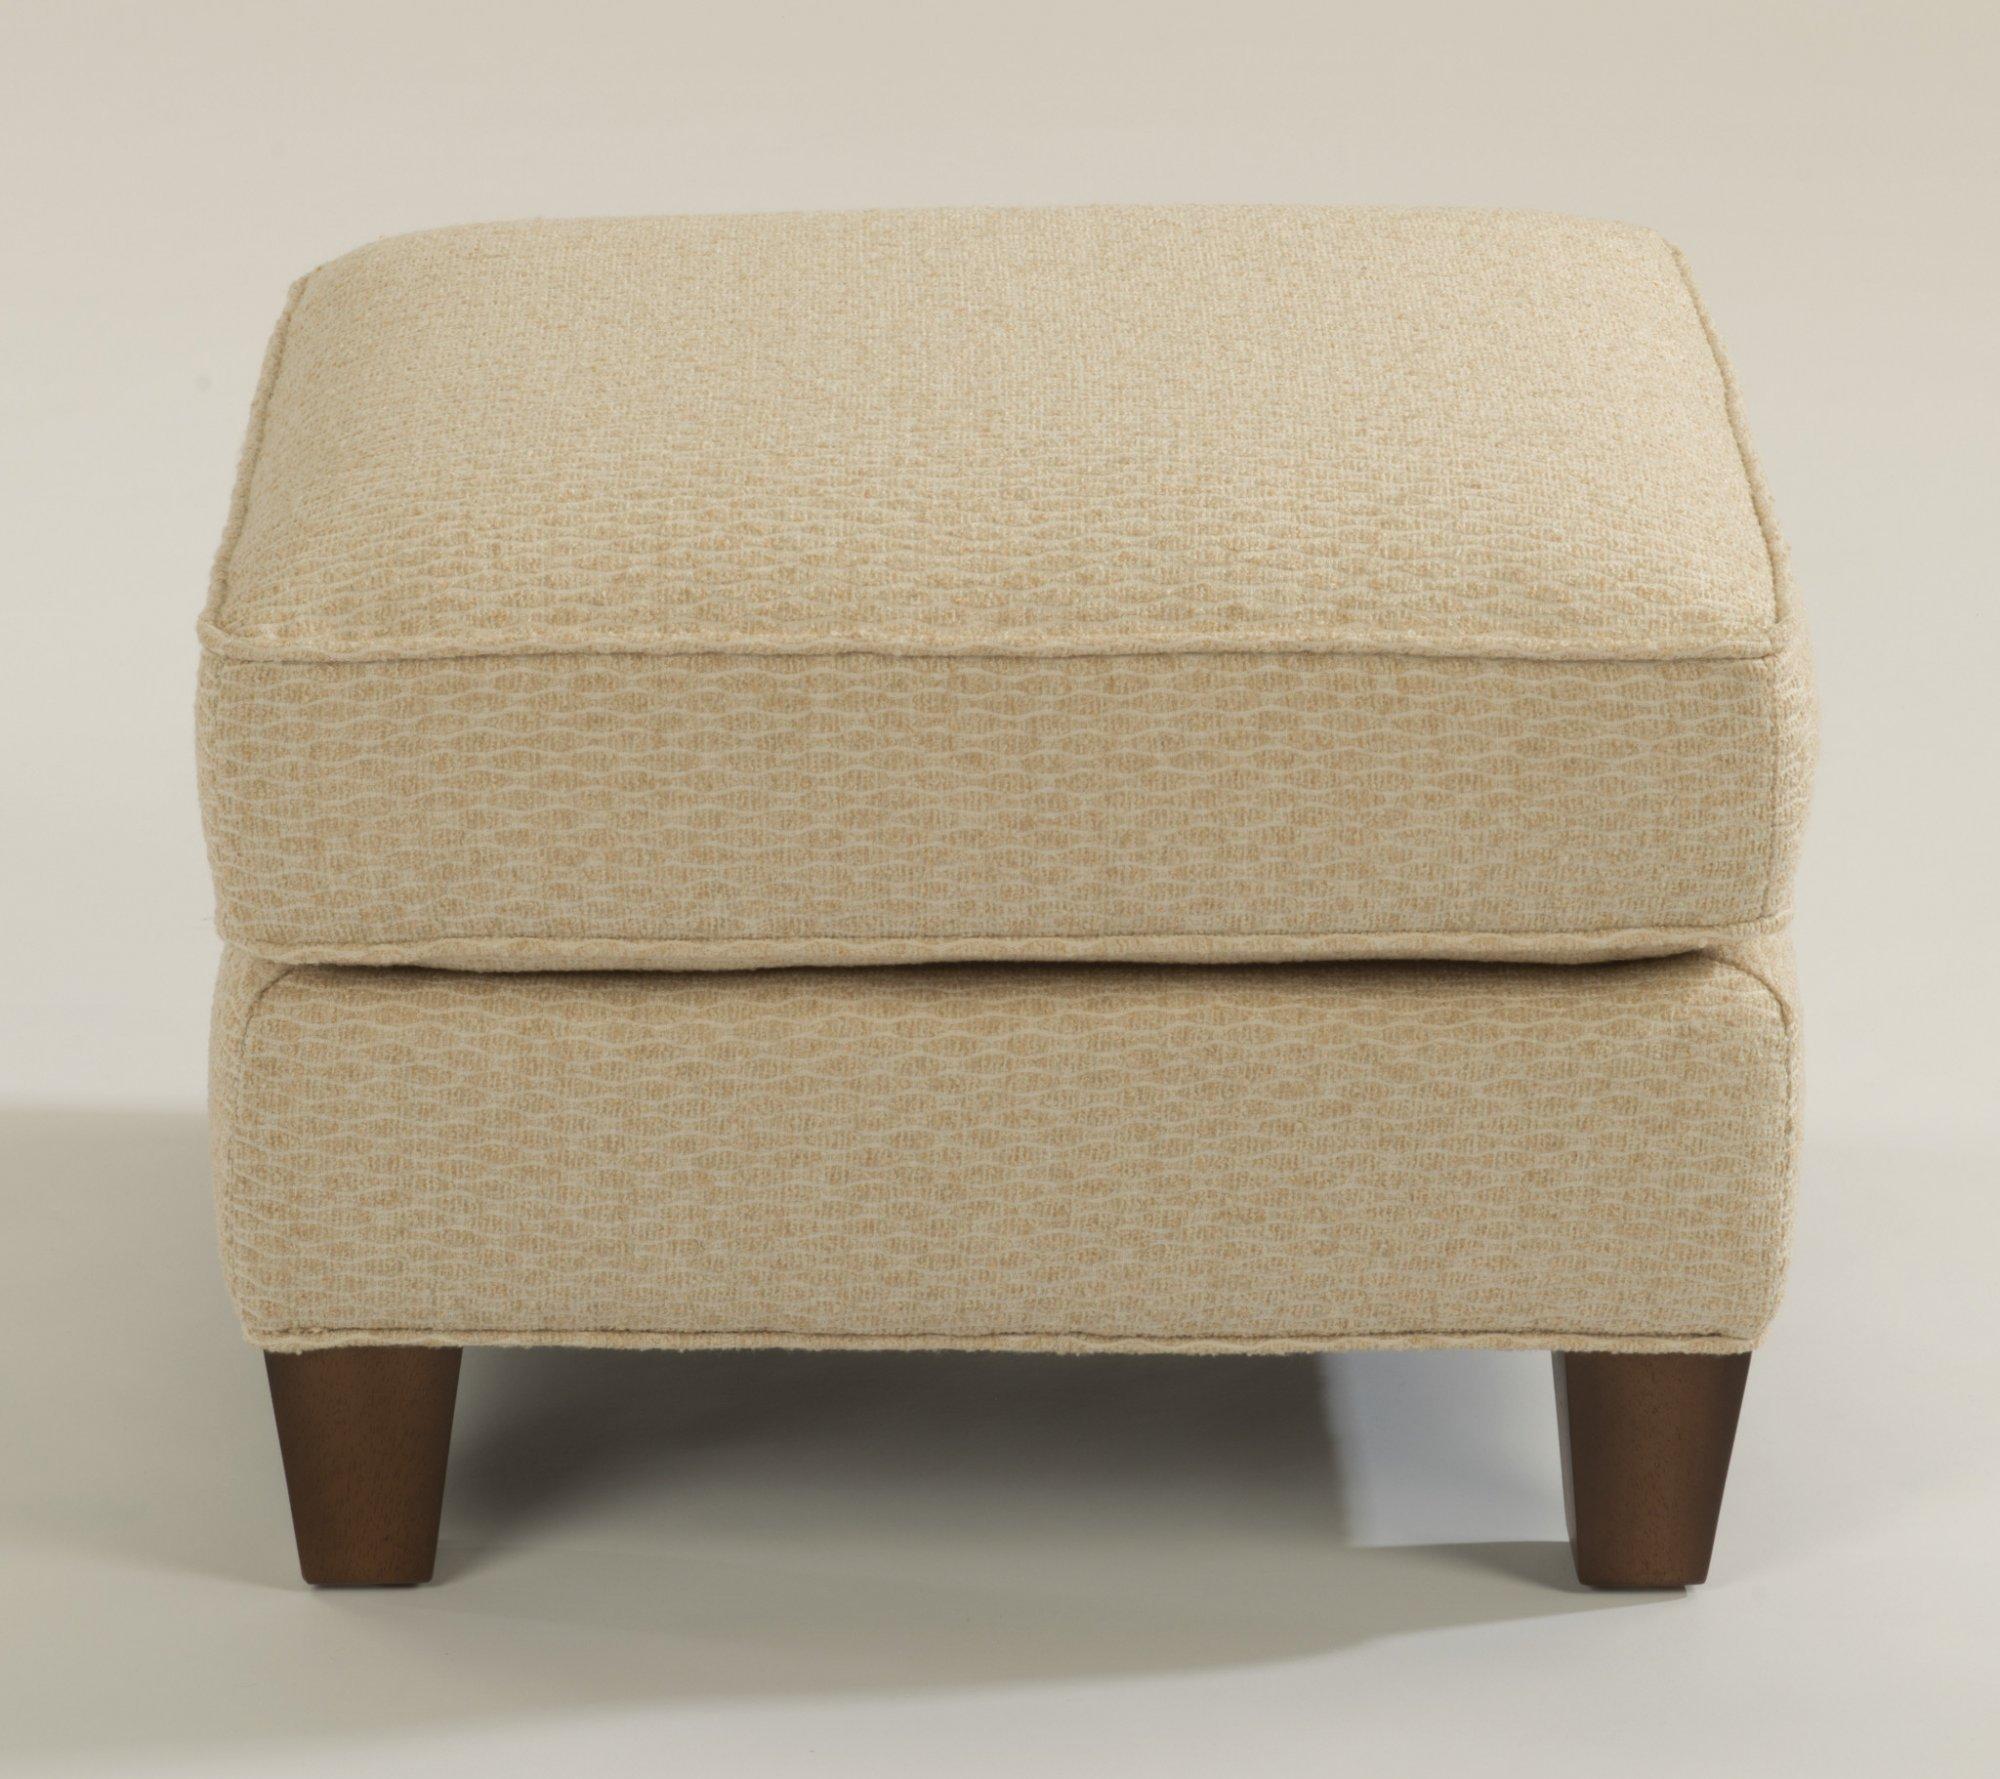 Model: 0124-08 | Flexsteel Allison  Fabric Ottoman